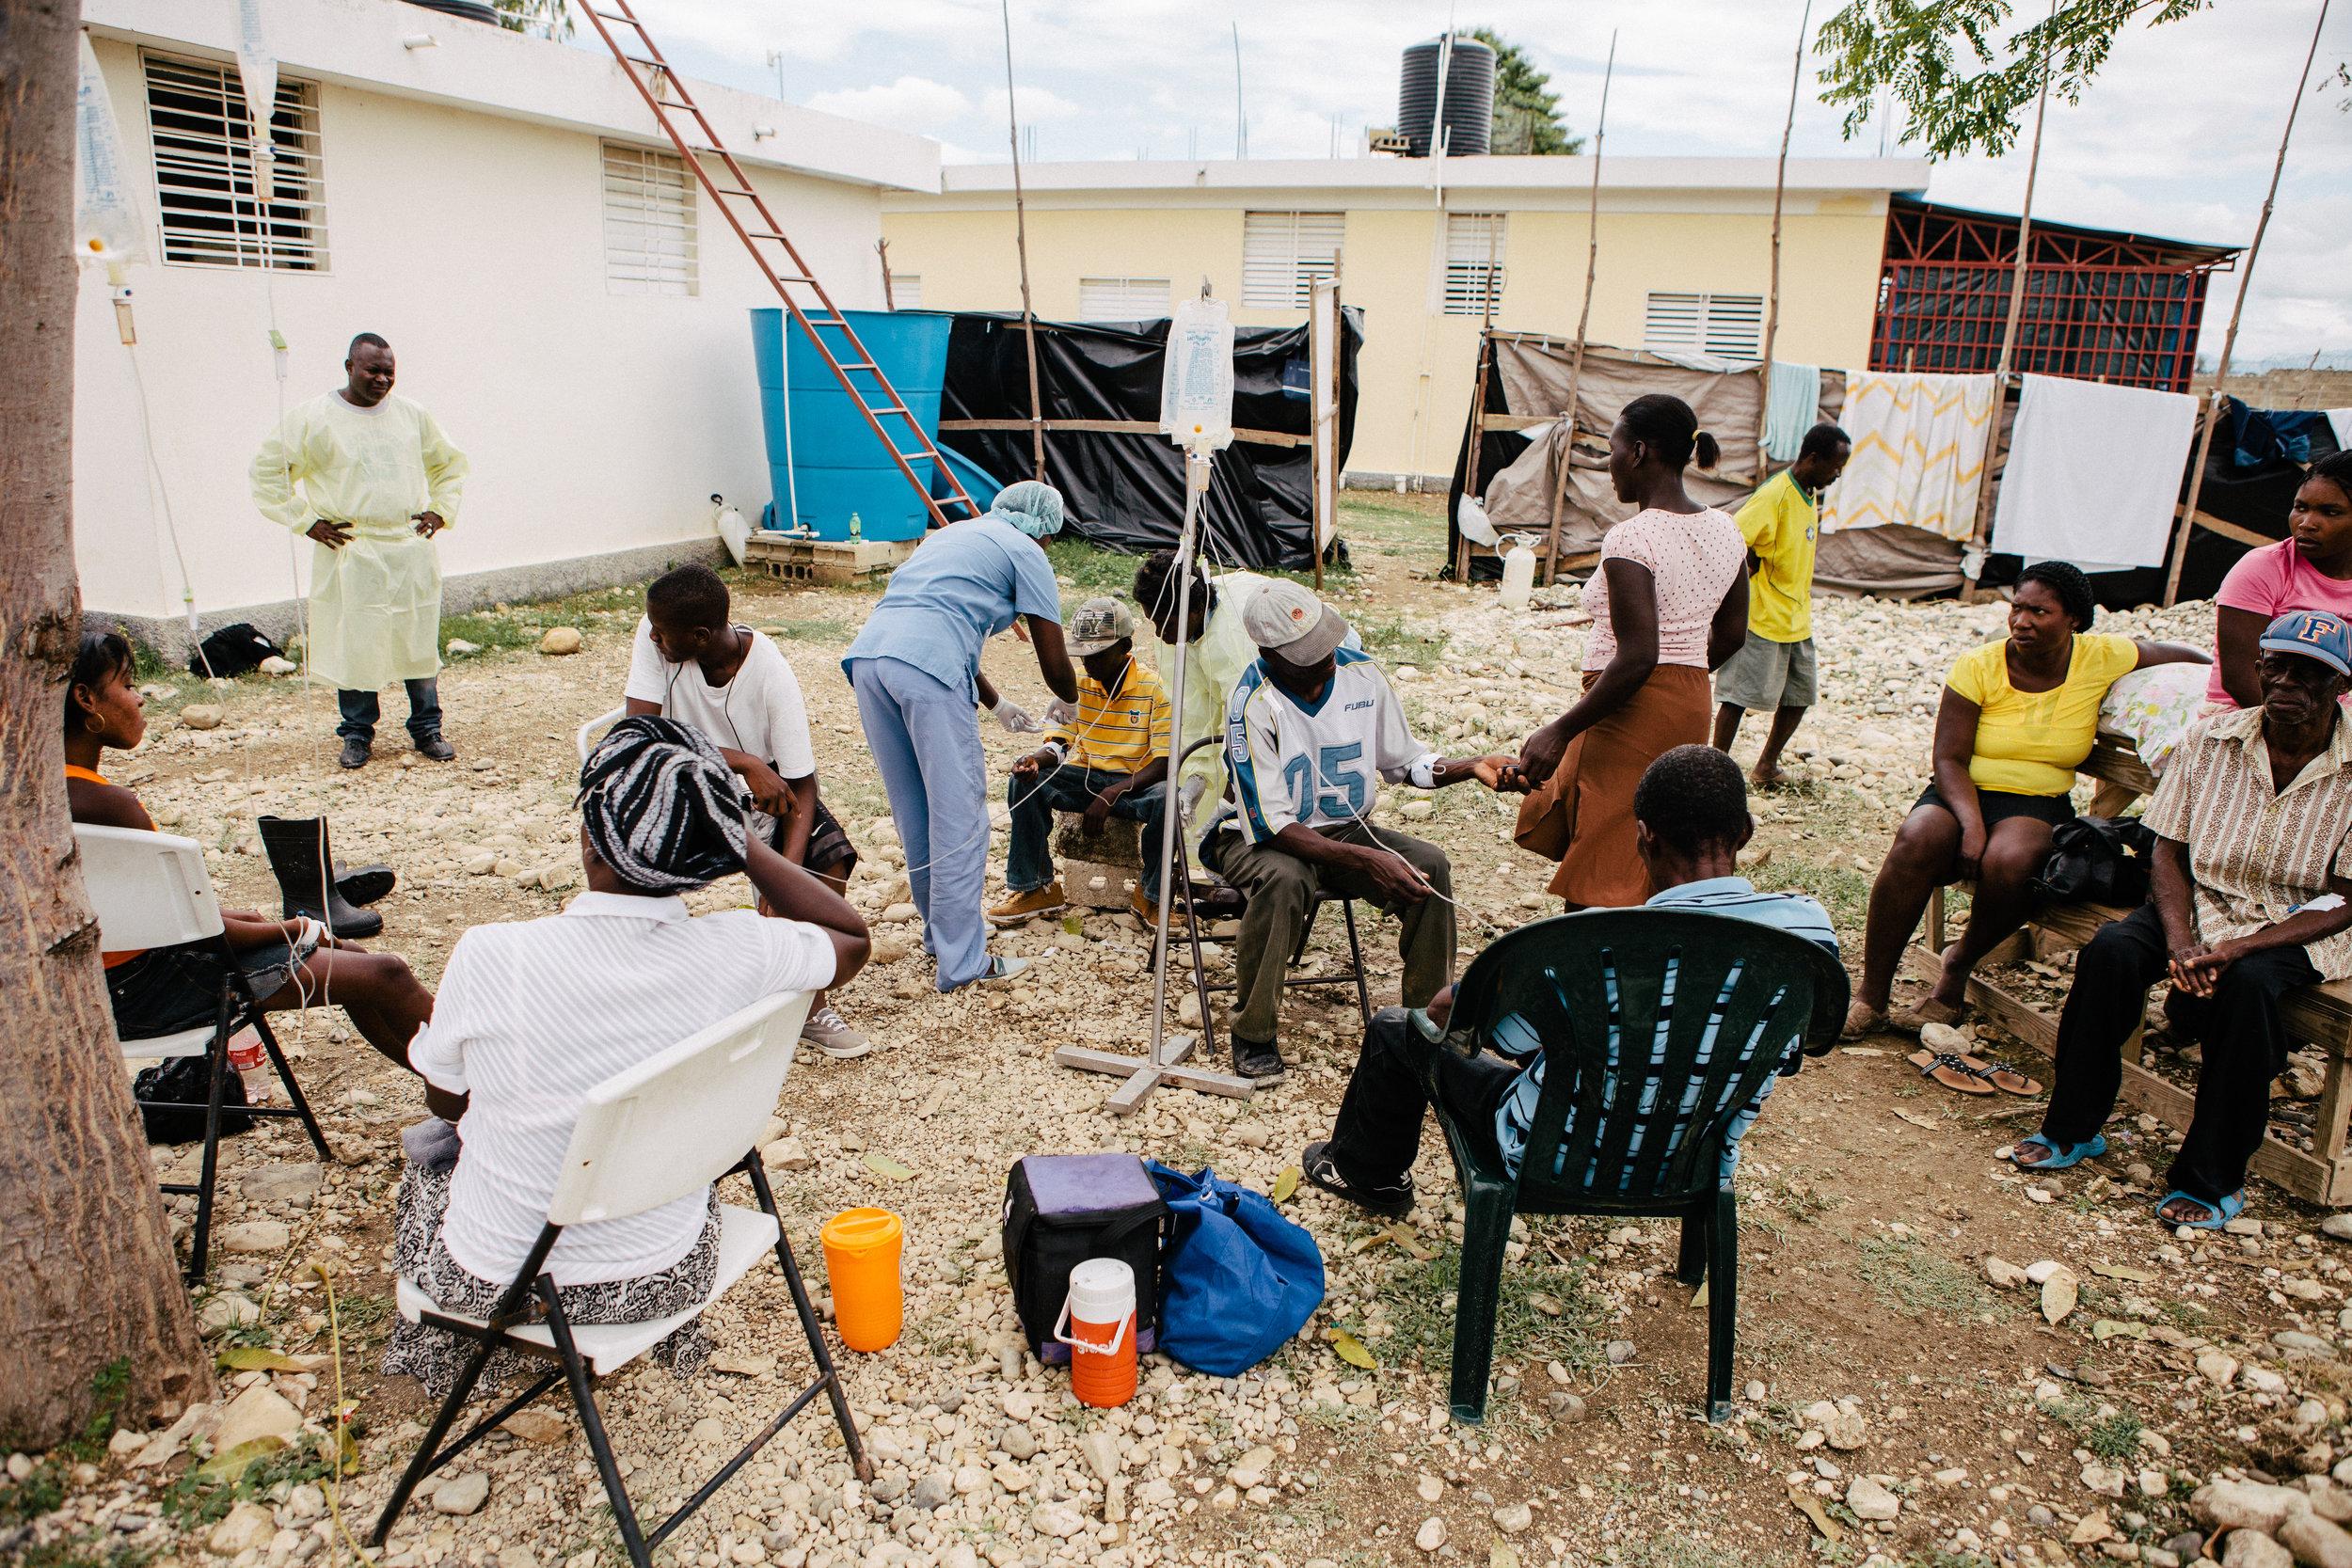 Haiti_Cholera_Healing_Art_Missions_007.jpg